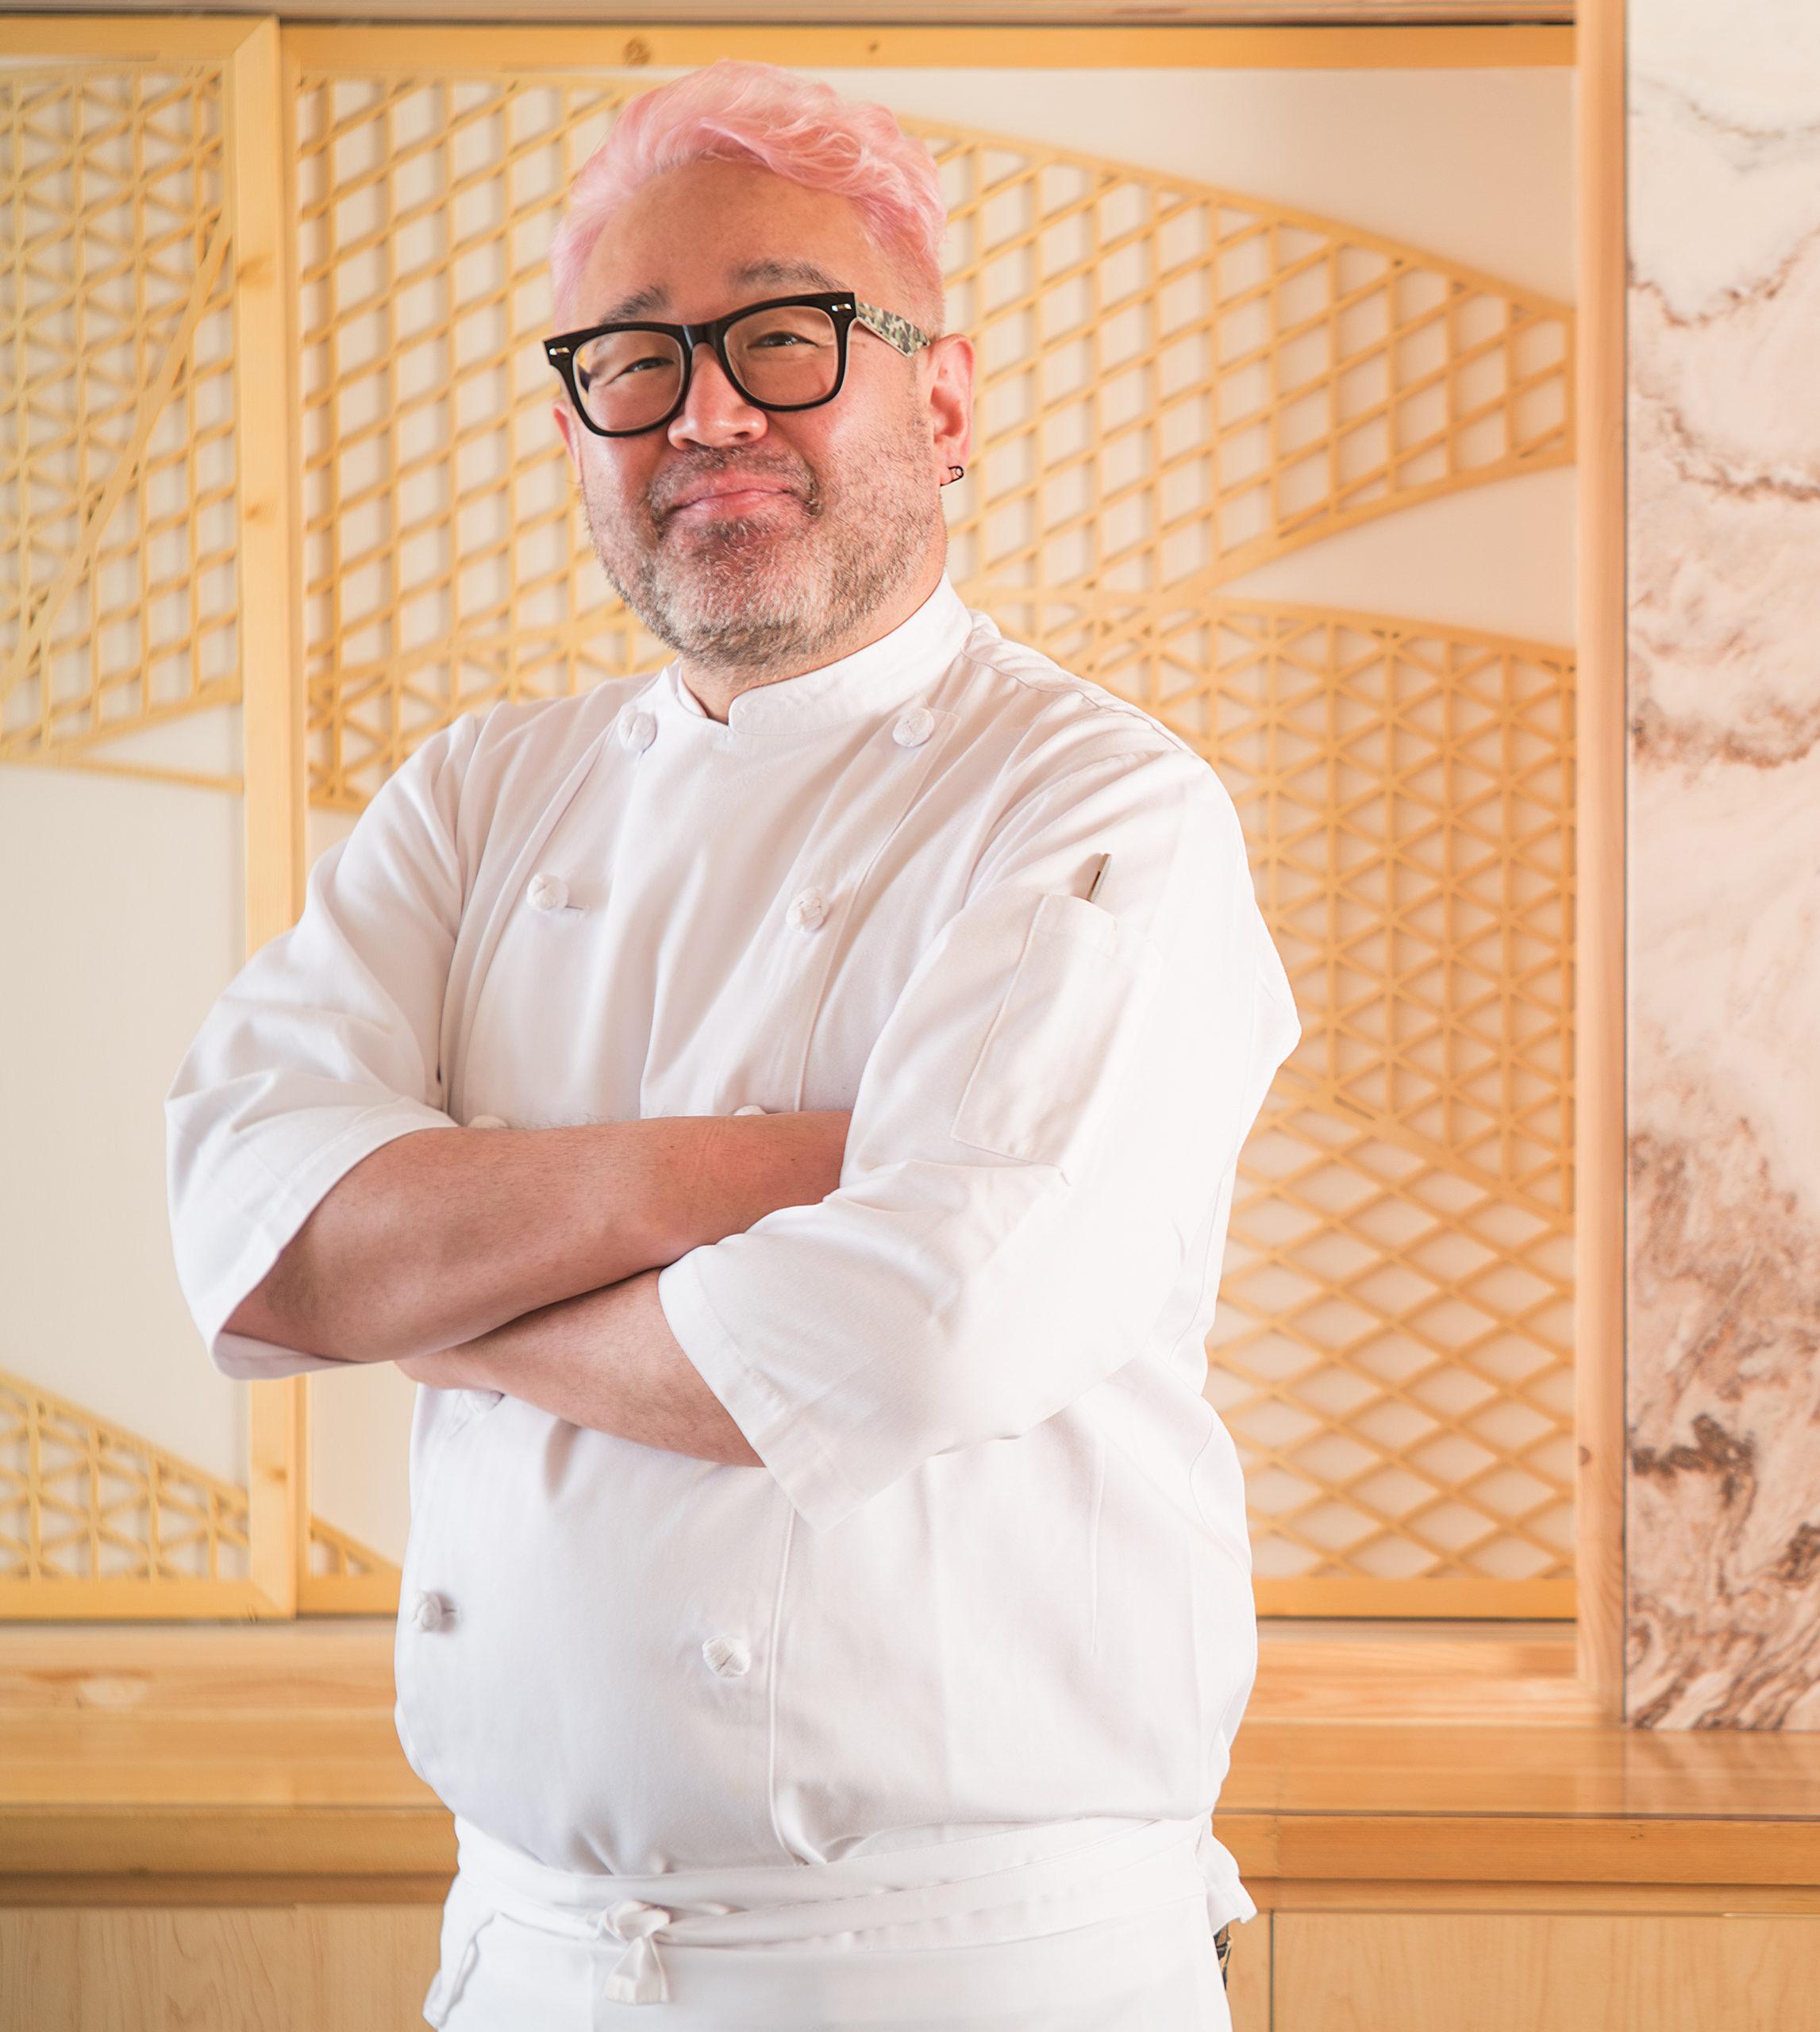 Chef Hiroki returns